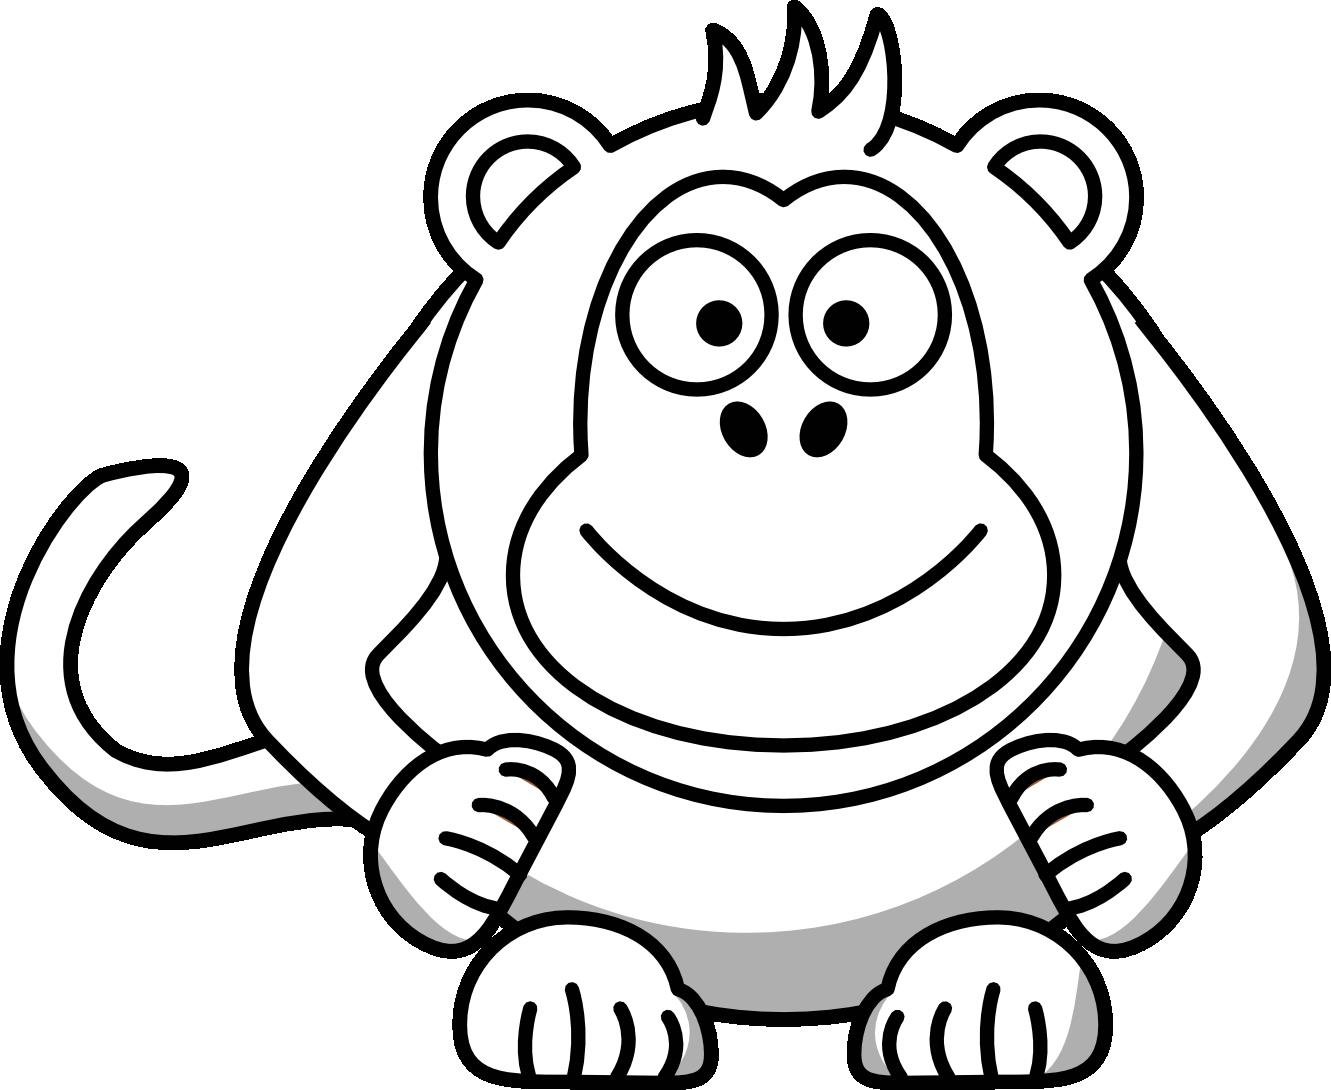 Monkey Images Clip Art - Cliparts.co